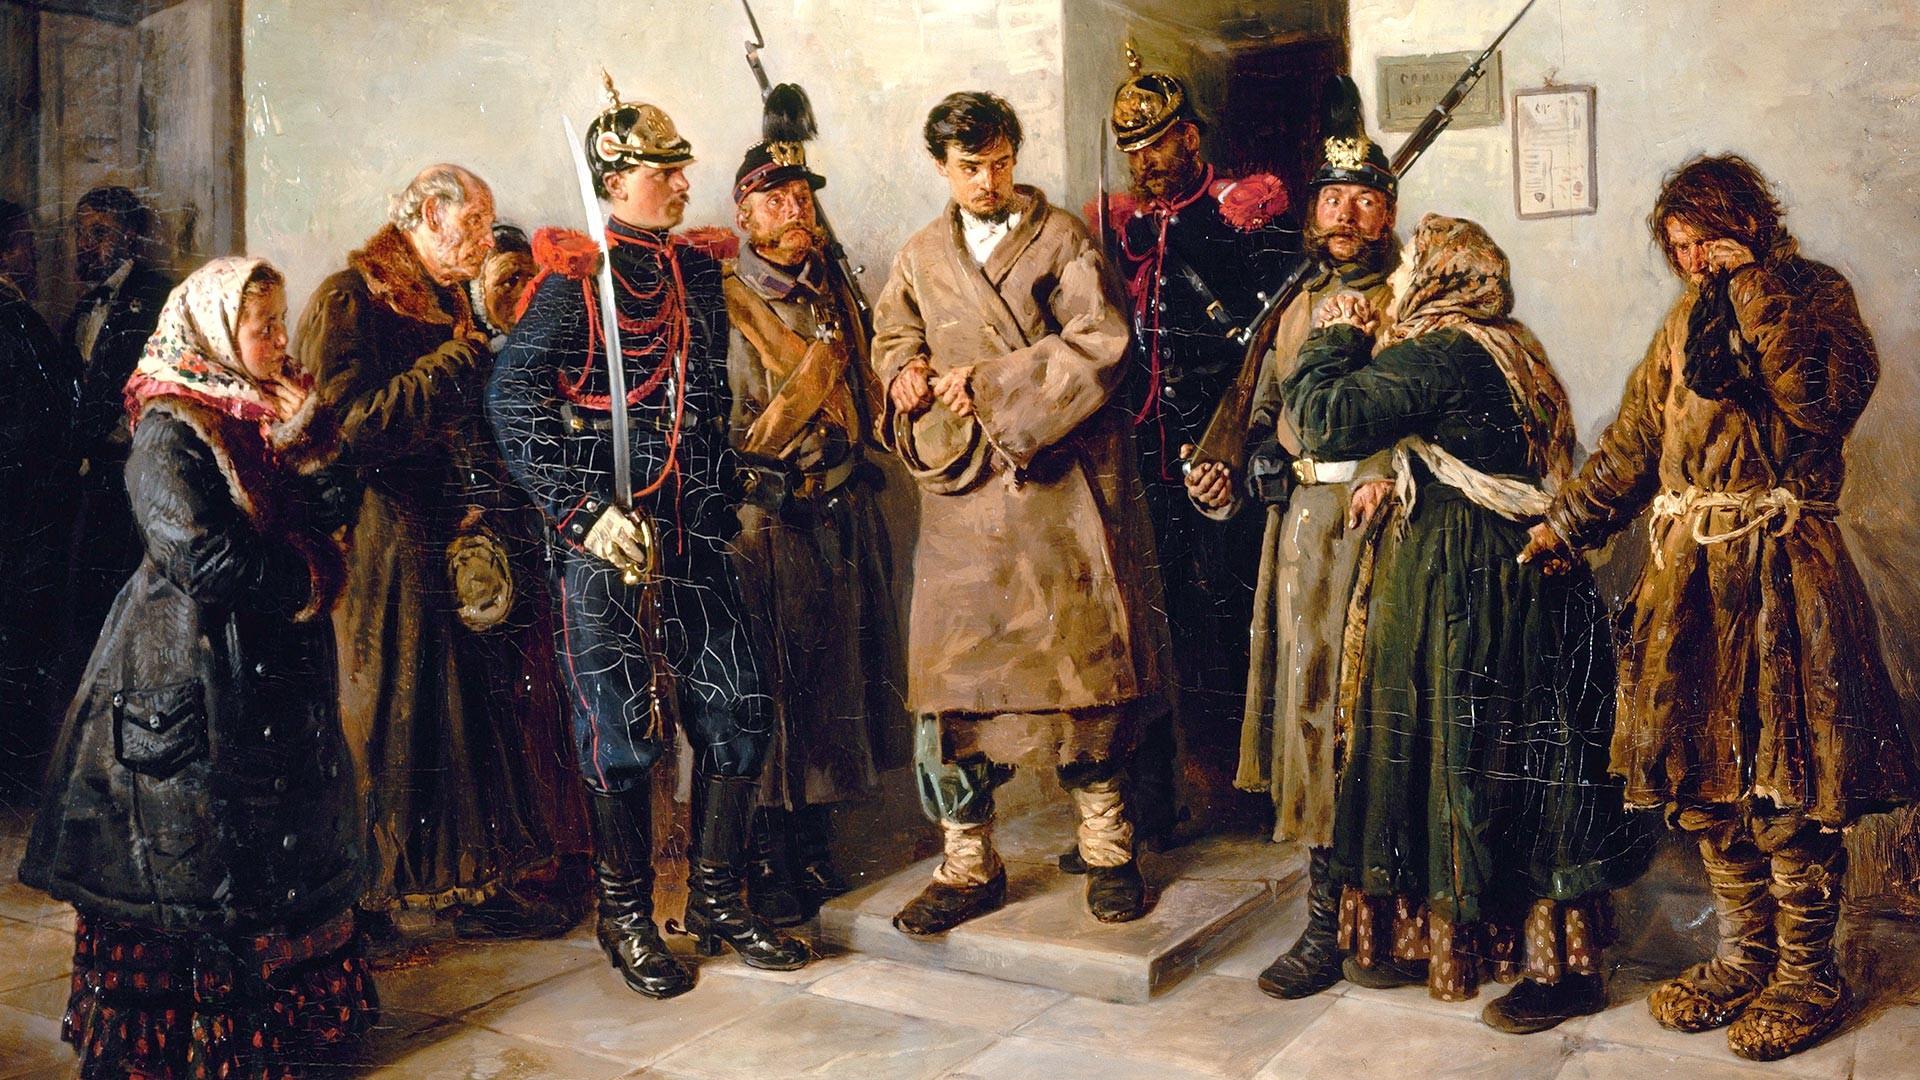 Obsojenec. Vladimir Makovski